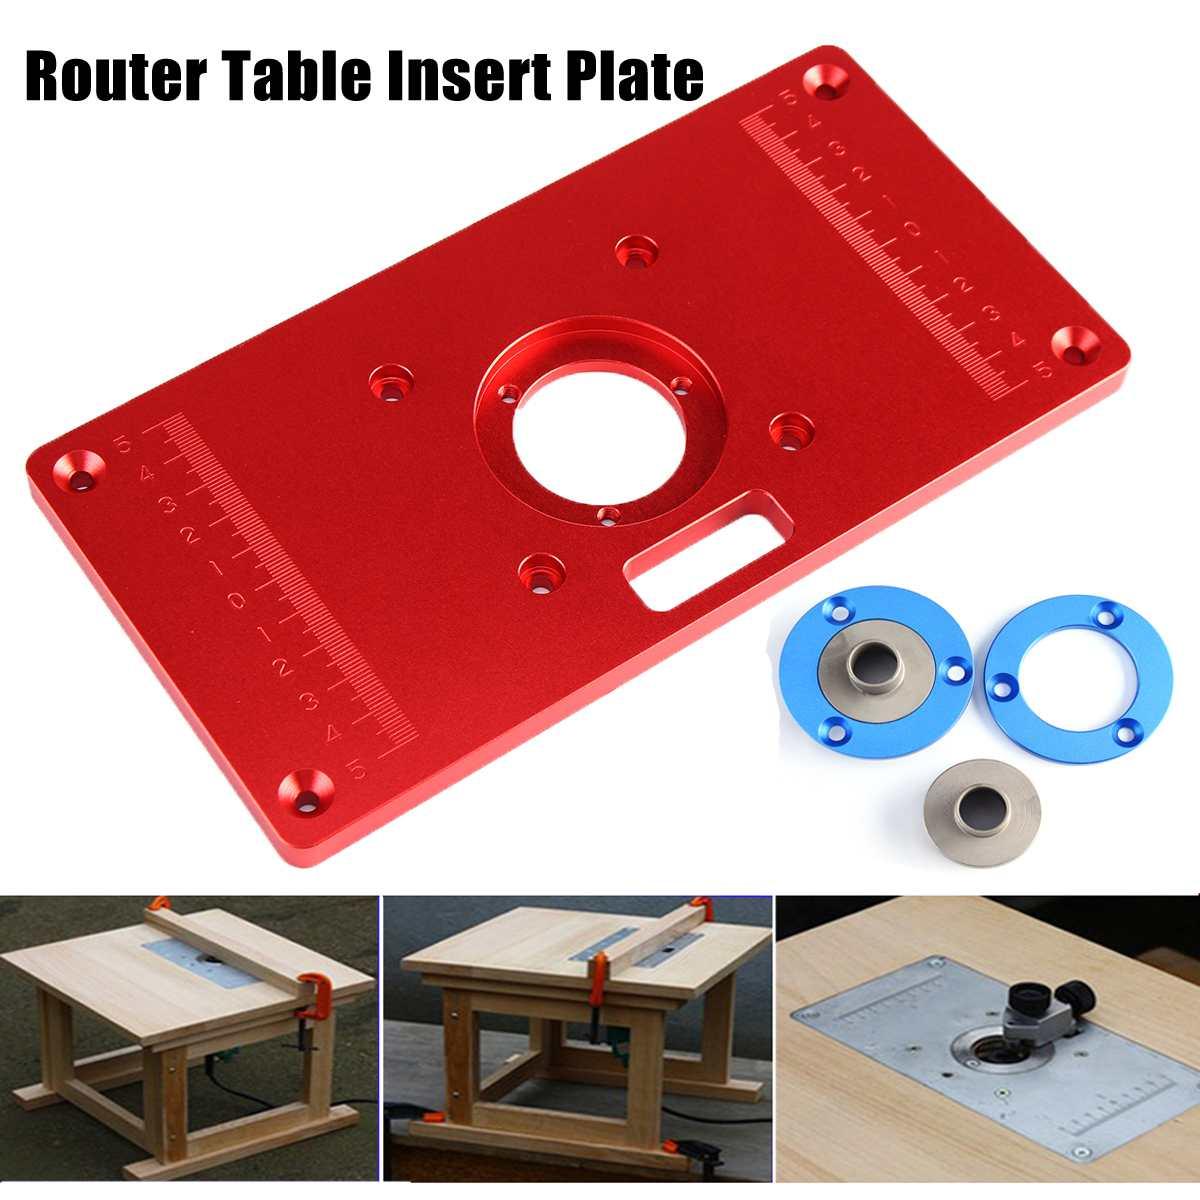 Haute qualité 235x120x10mm universel routeur Table Insert plaque pour bricolage bois routeur tondeuse modèles Machine de gravure